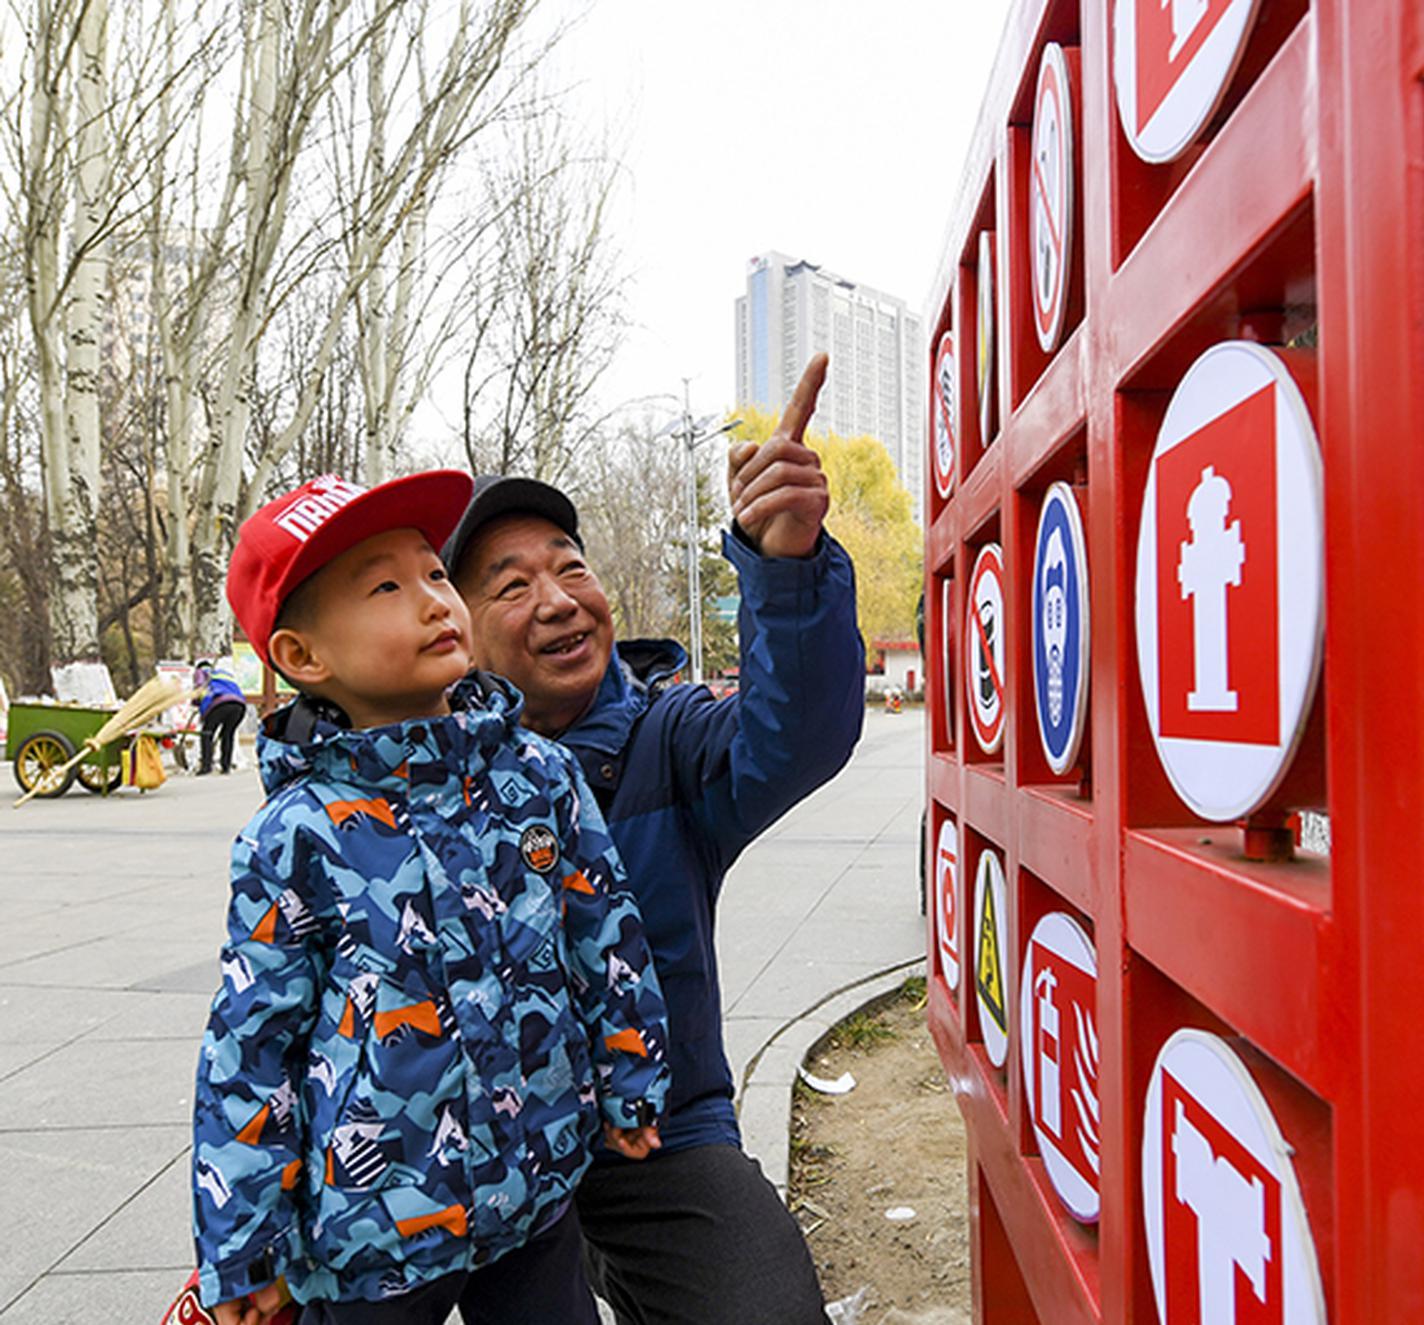 消防宣传日|119消防文化广场普及消防知识